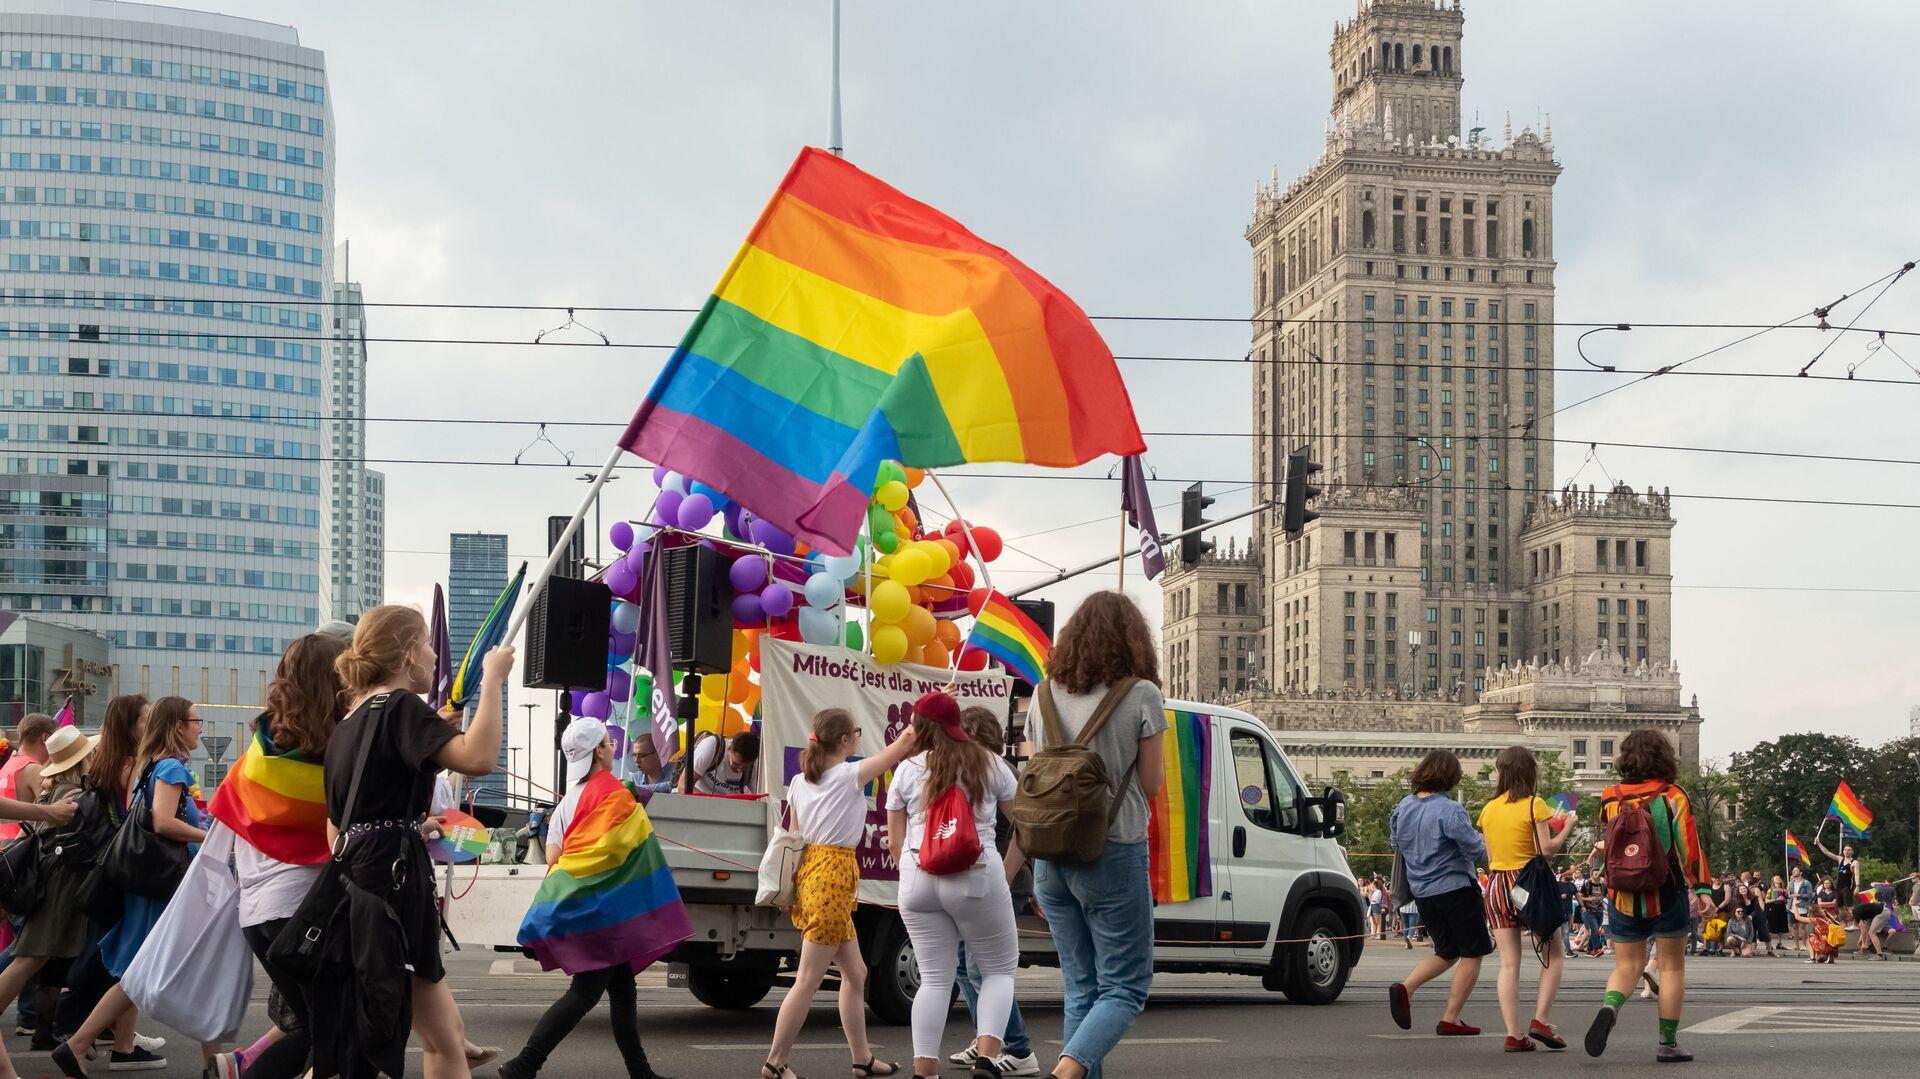 Pohod LGBT ve Varšavě - Sputnik Česká republika, 1920, 05.08.2021